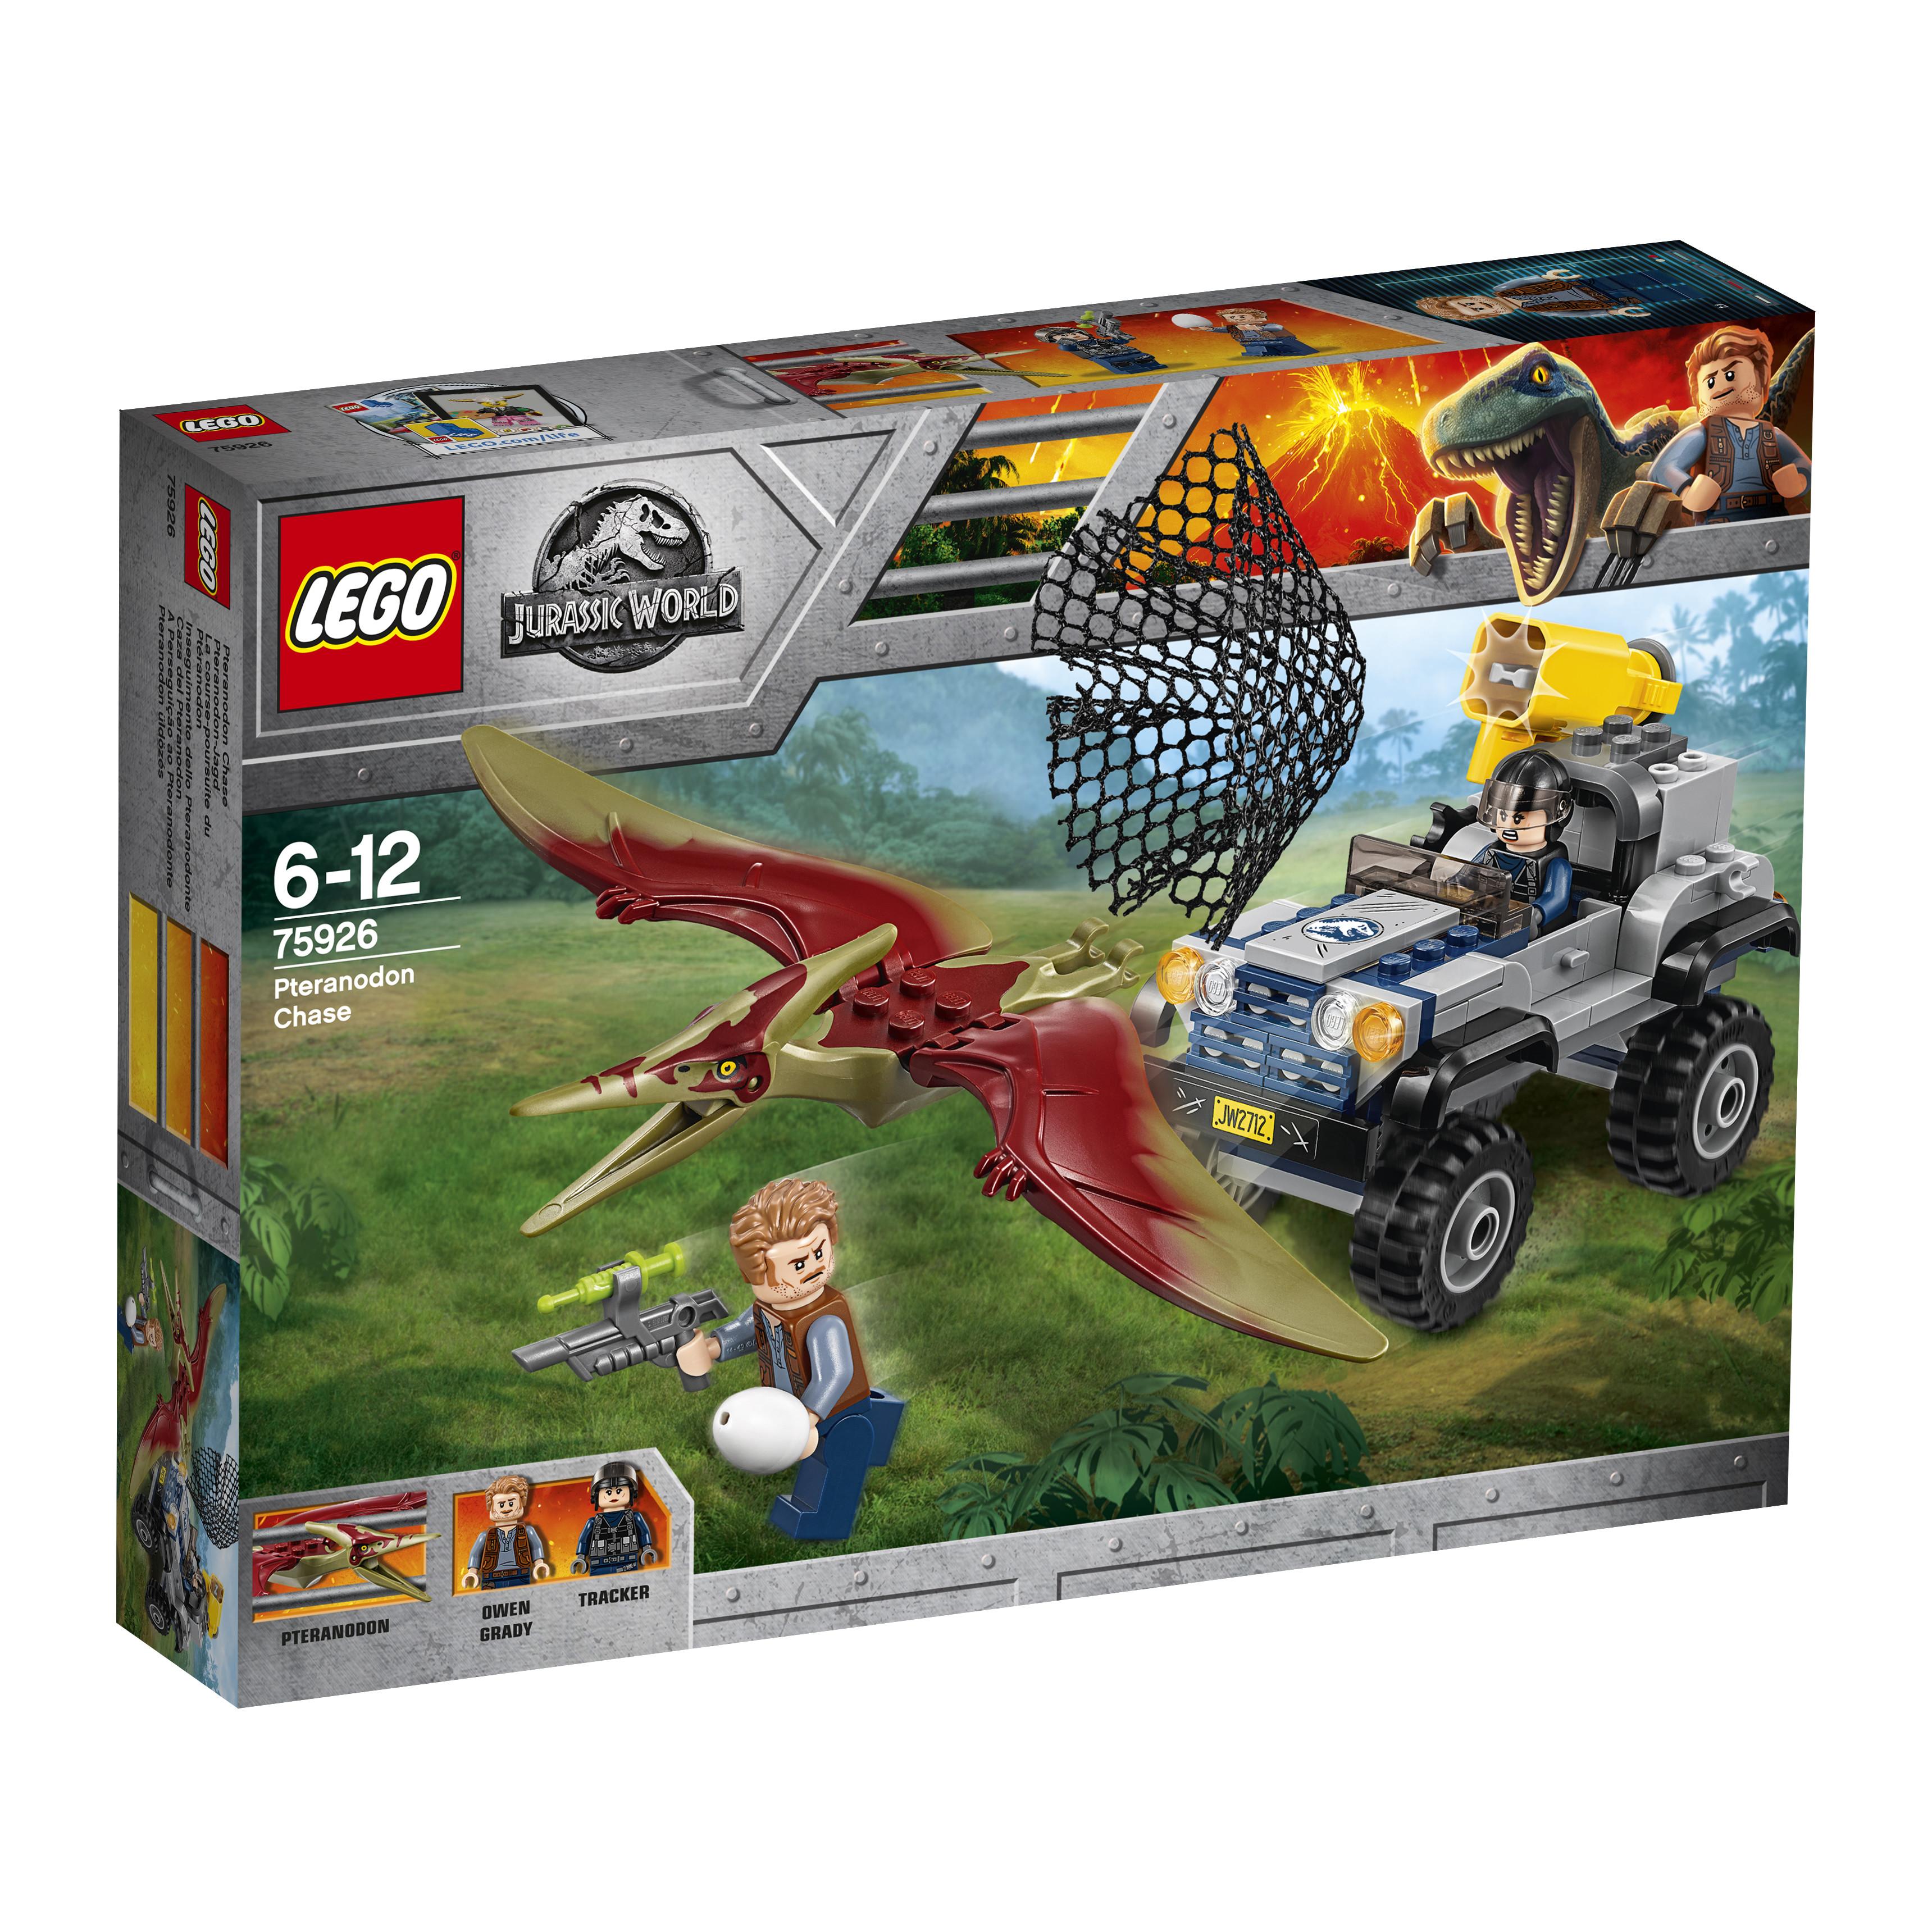 Конструктор LEGO Jurassic World 75926 Погоня за птеранодоном цена 2017